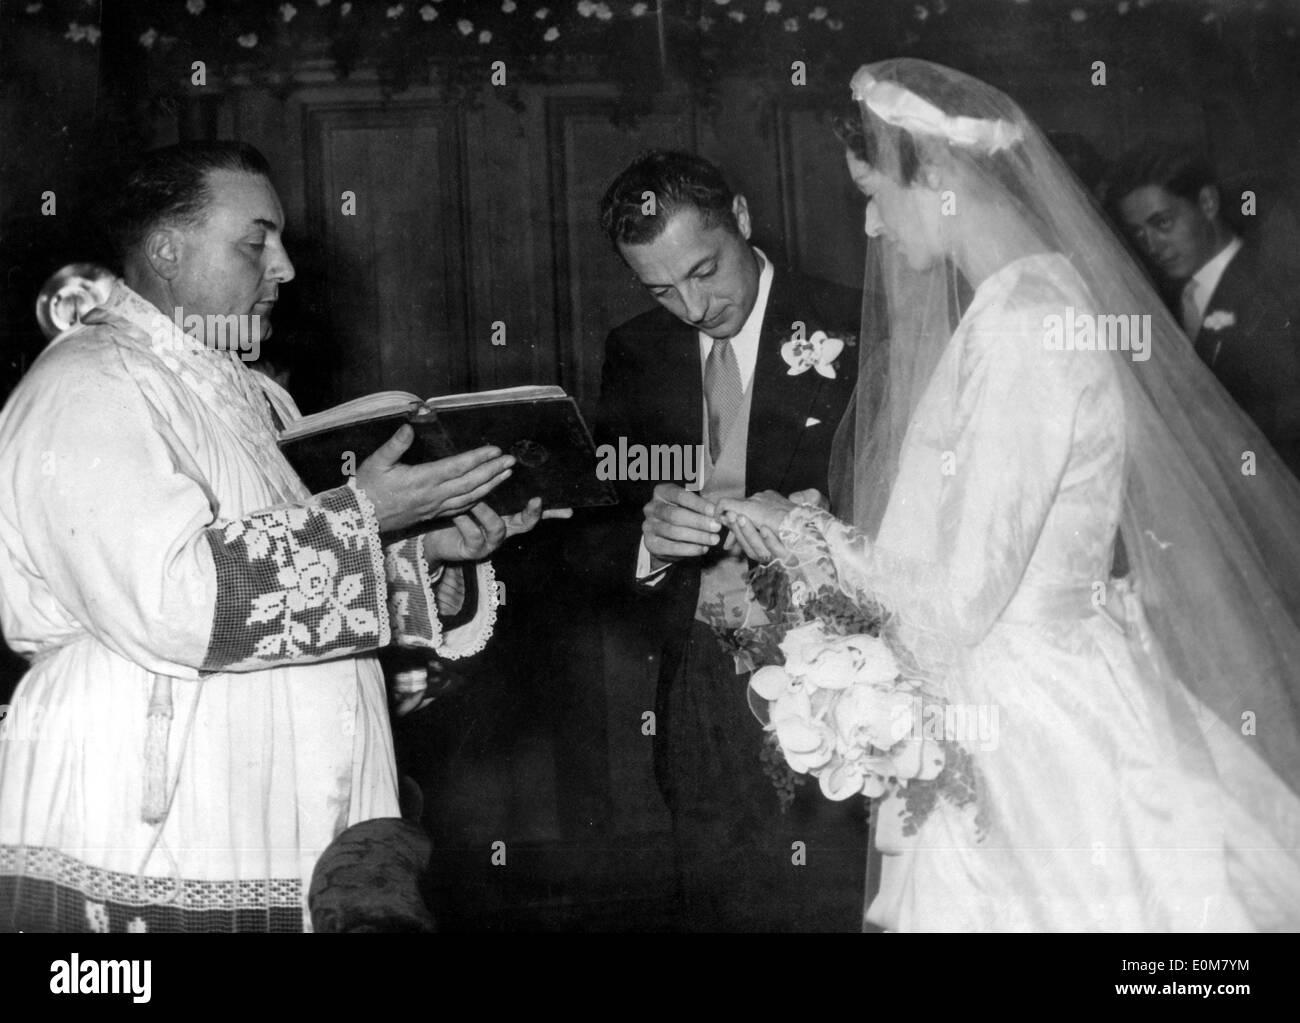 Gianni Agnelli marries Marella Caracciolo Stock Photo ...